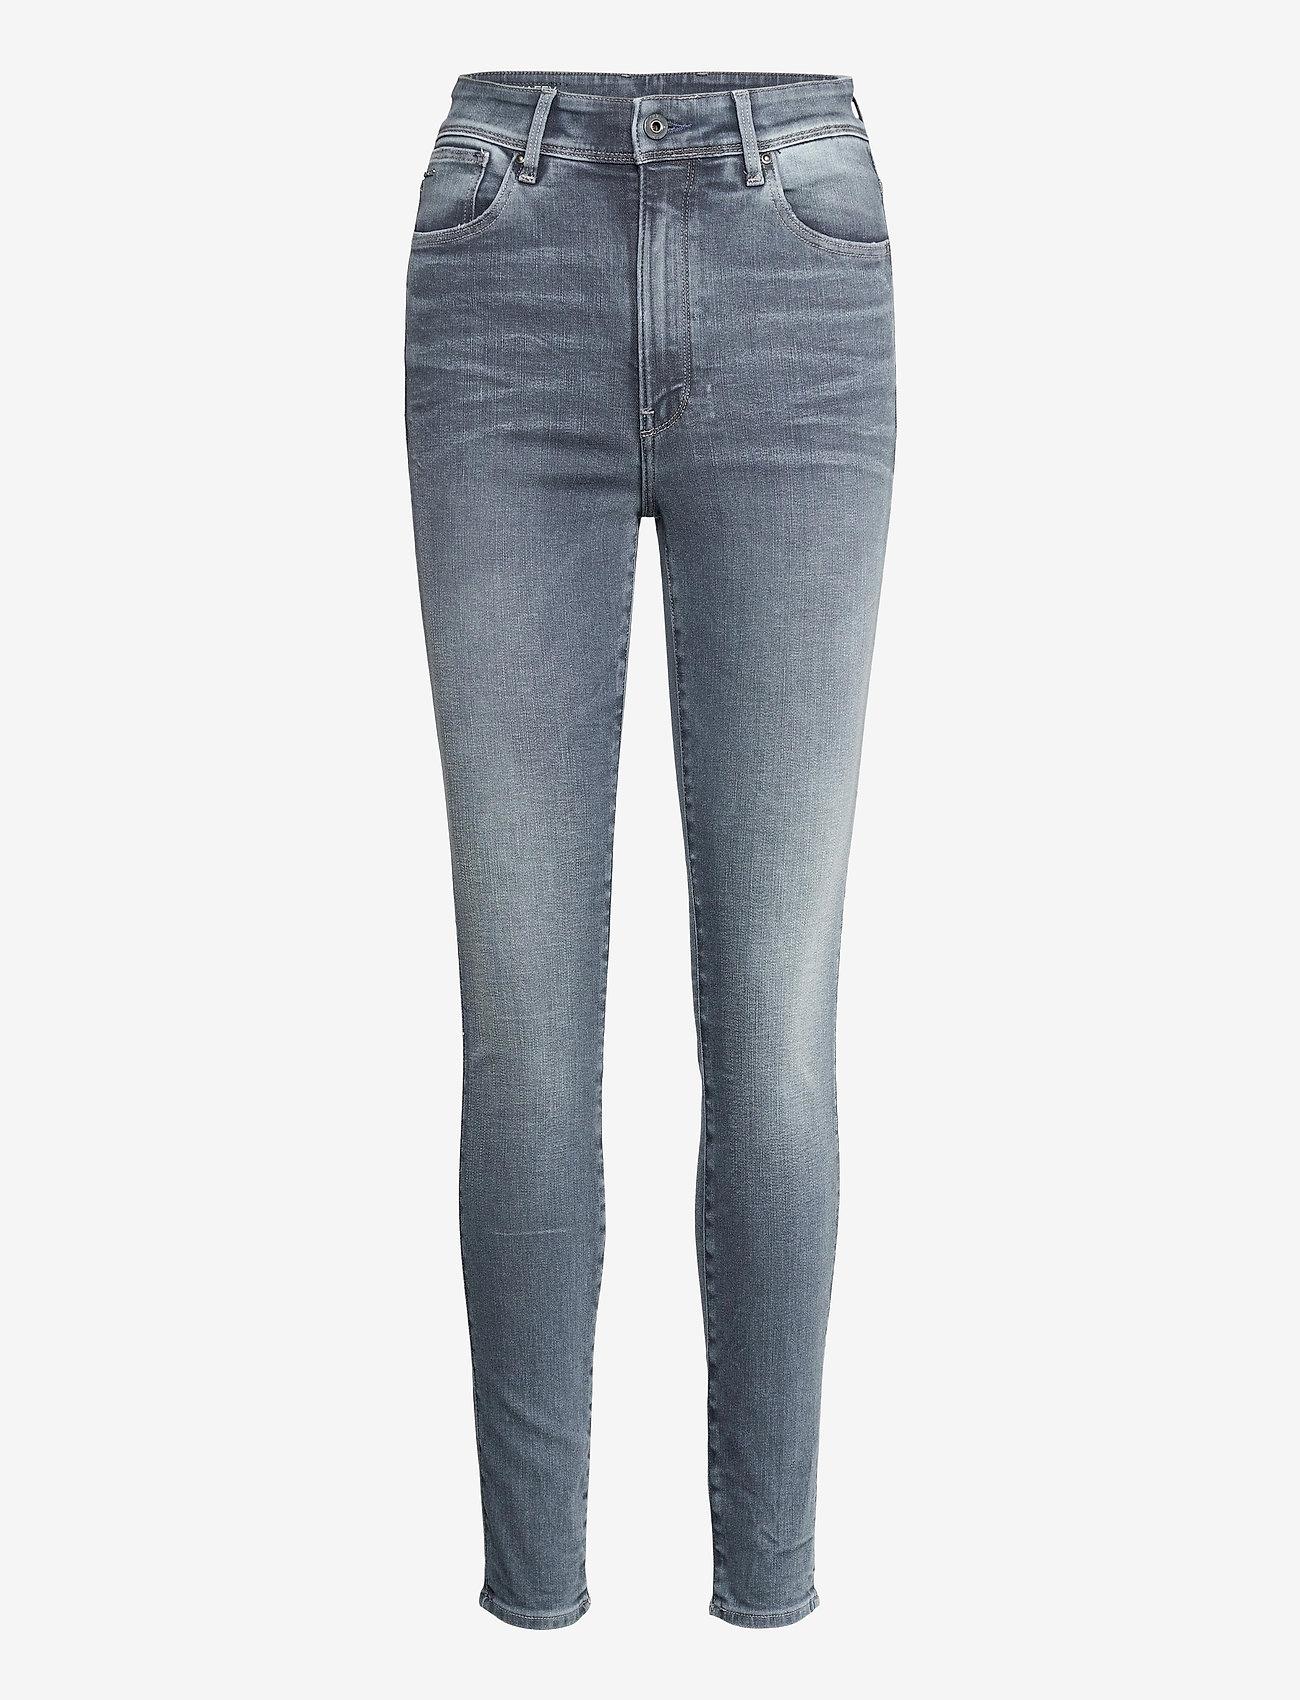 G-star RAW - Kafey Ultra High Skinny Wmn - skinny jeans - worn in smokey night - 0